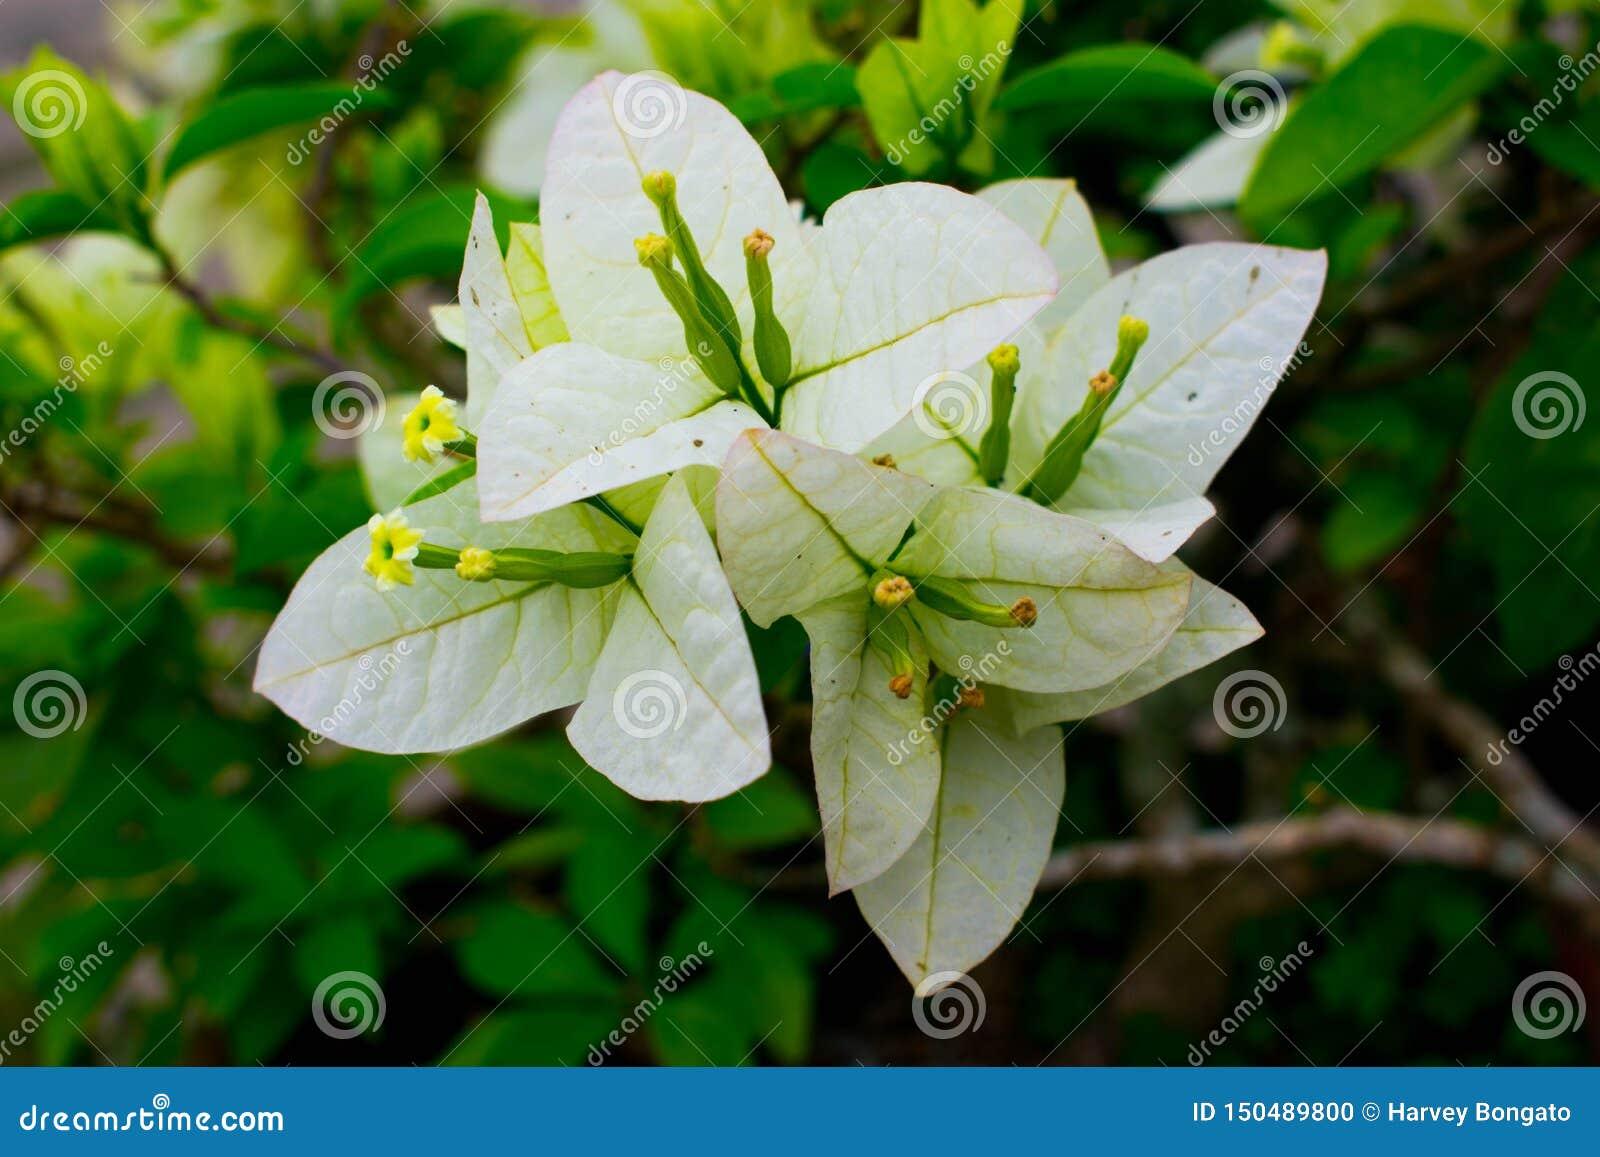 Ένα ανθίζοντας φρέσκο και ζωηρό άσπρο λουλούδι Bougainvillea